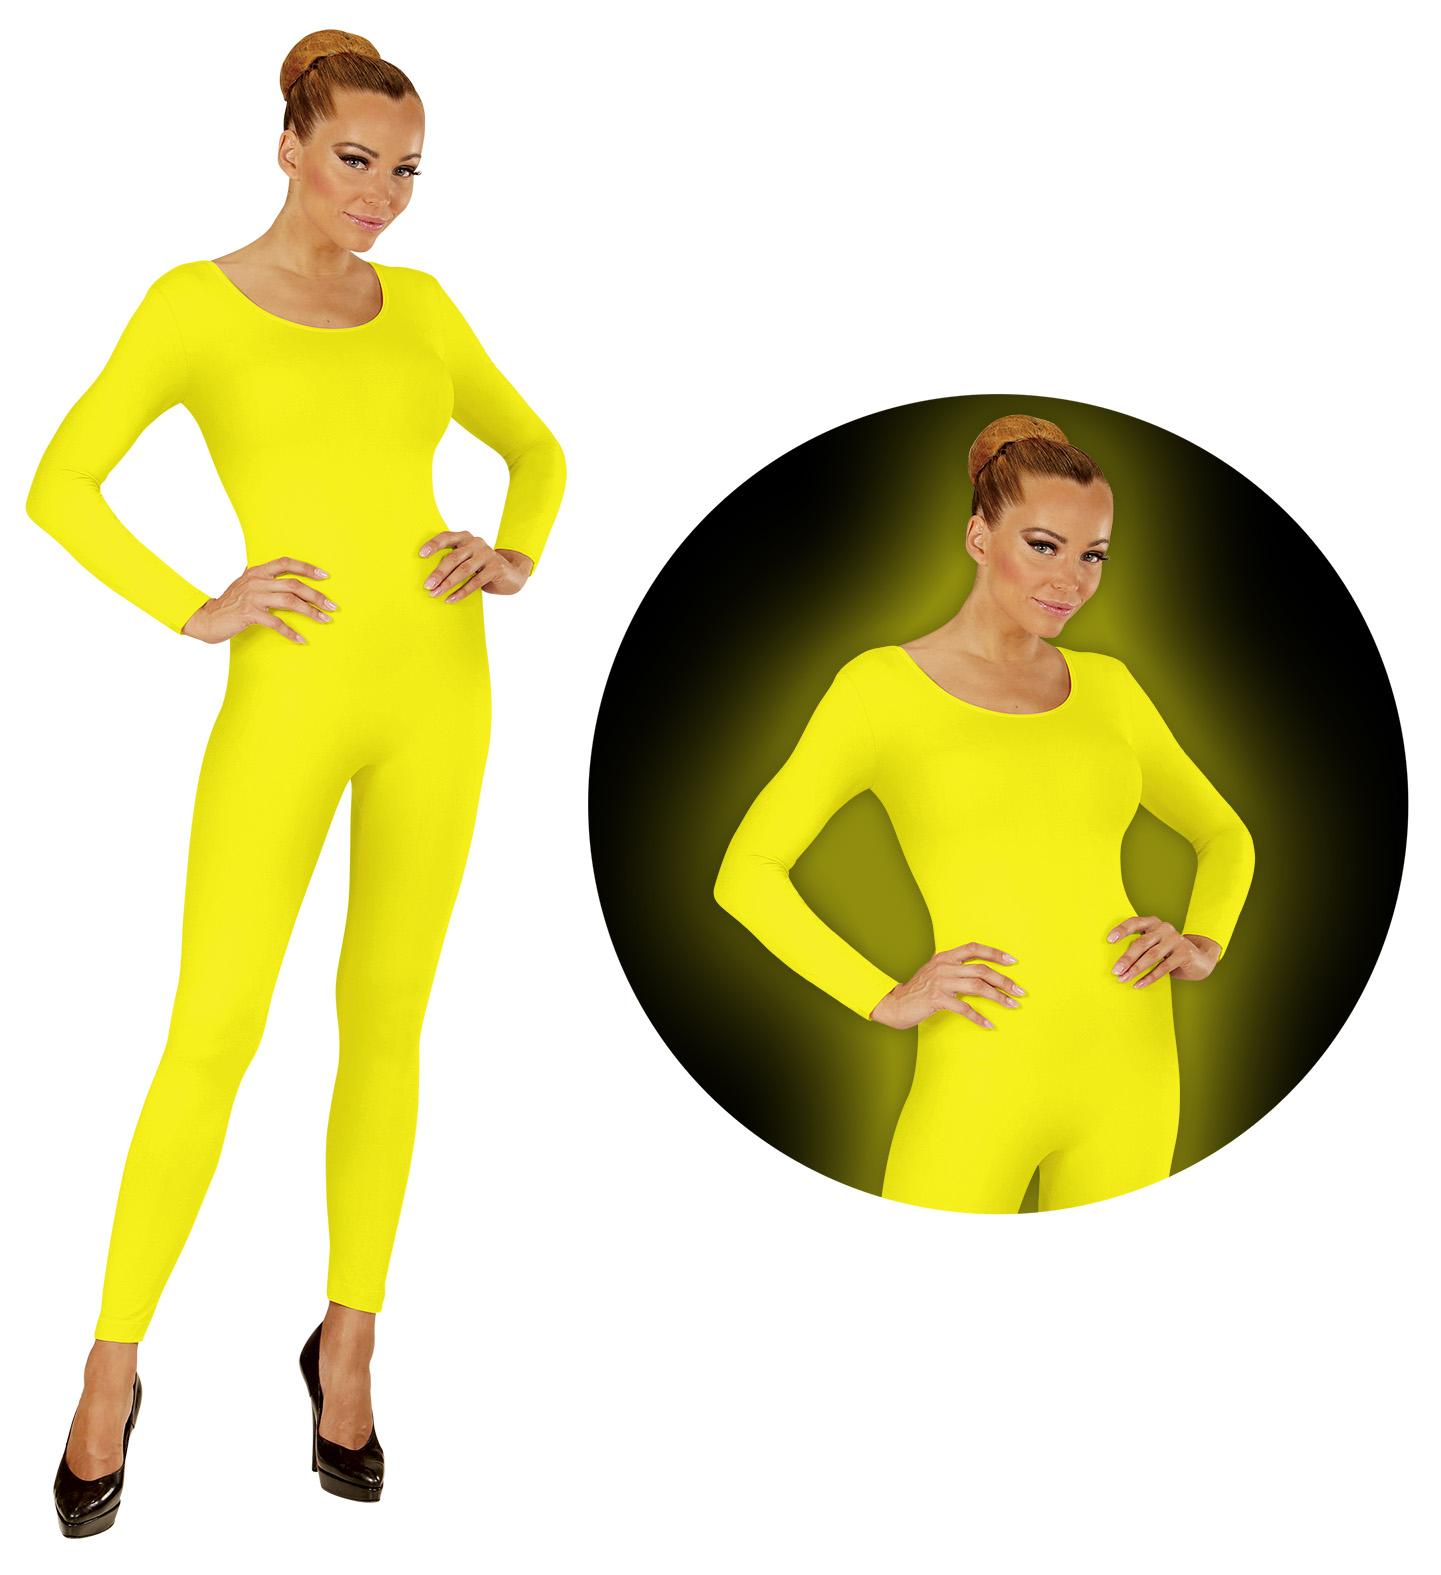 c4e2df4ee23f NEON GELB Body Einteiler Jumpsuit Sport Tanz Kostüm Damen   eBay